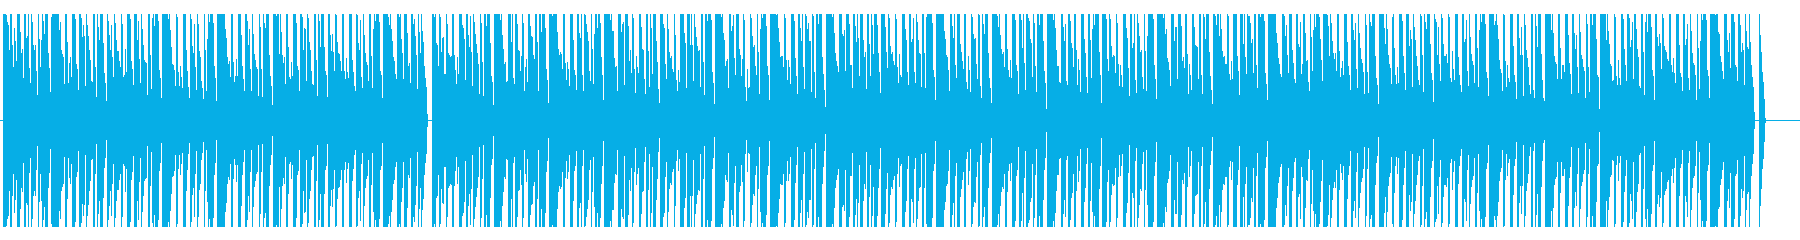 シンプルで爽やかなハウスの再生済みの波形